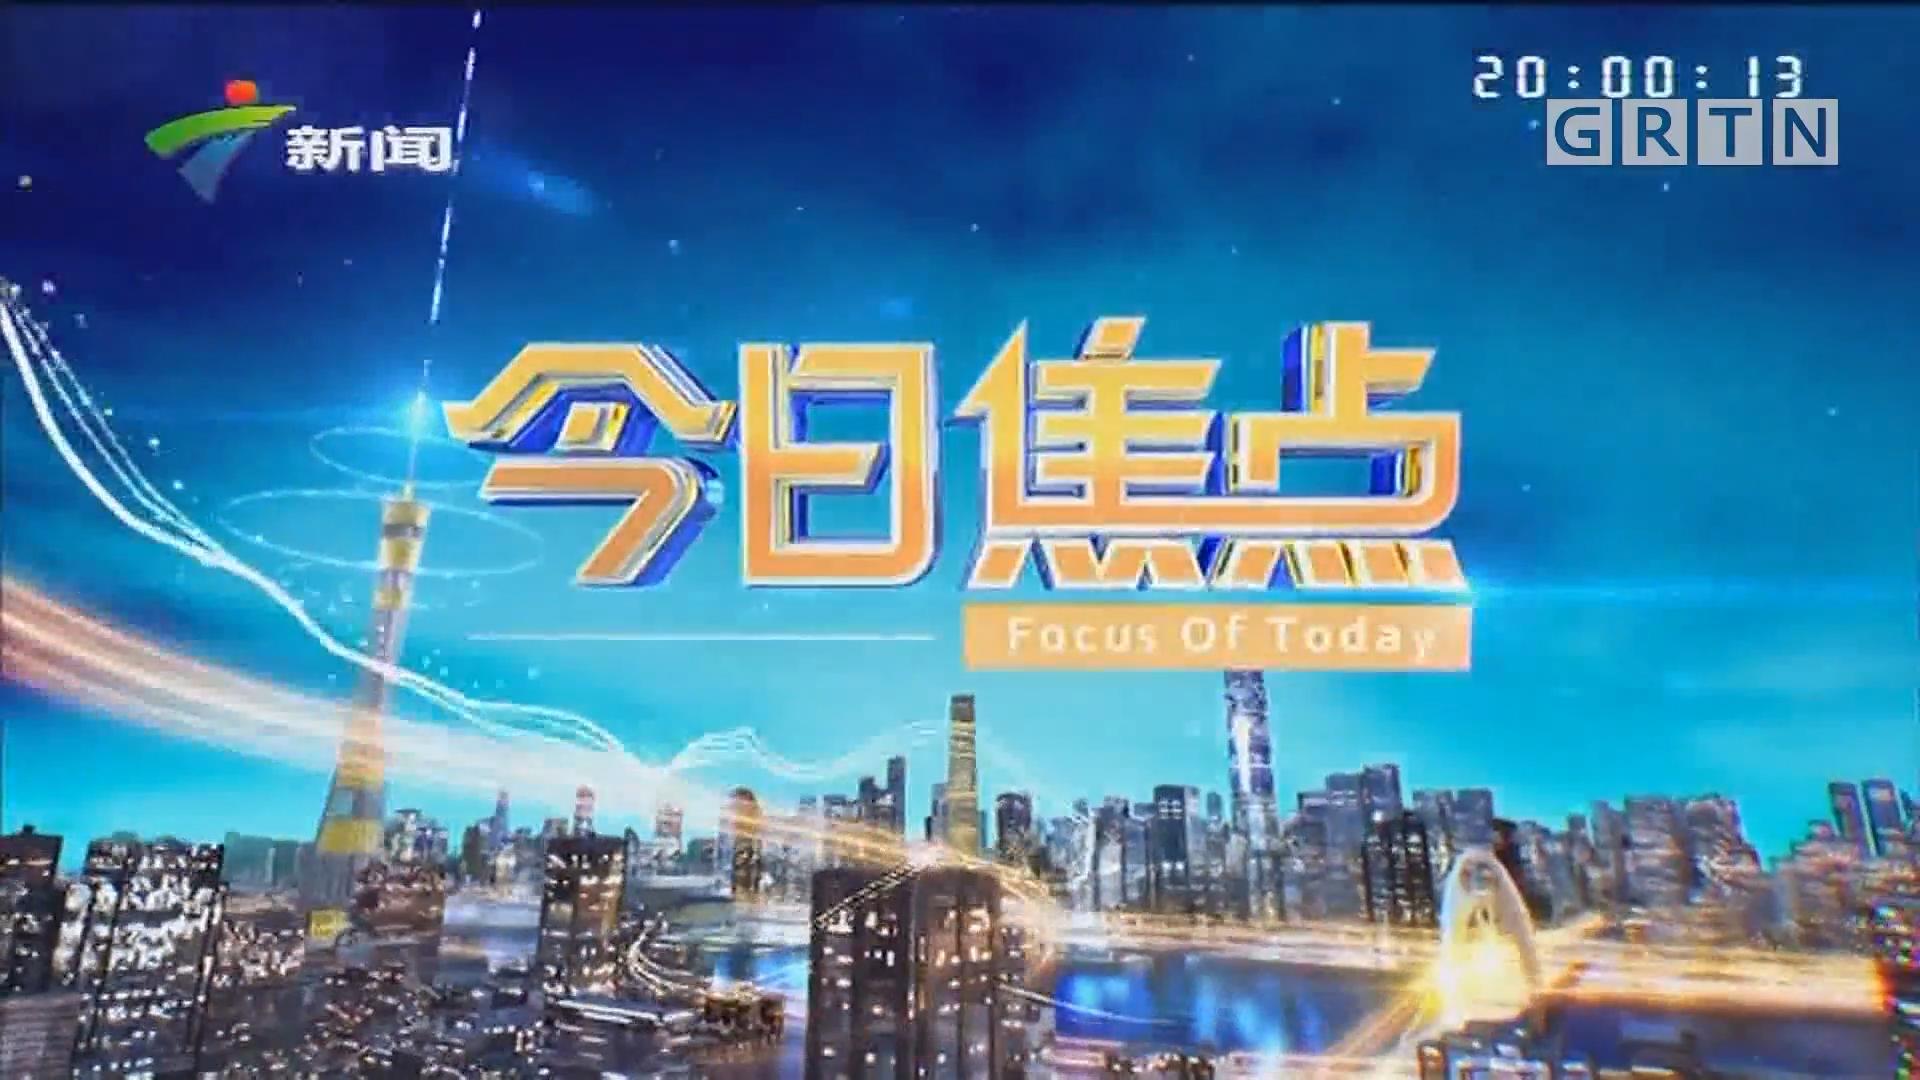 """[HD][2019-08-12]今日焦点:穗警反诈:冒充""""老板""""诱骗 受害者转账68万"""